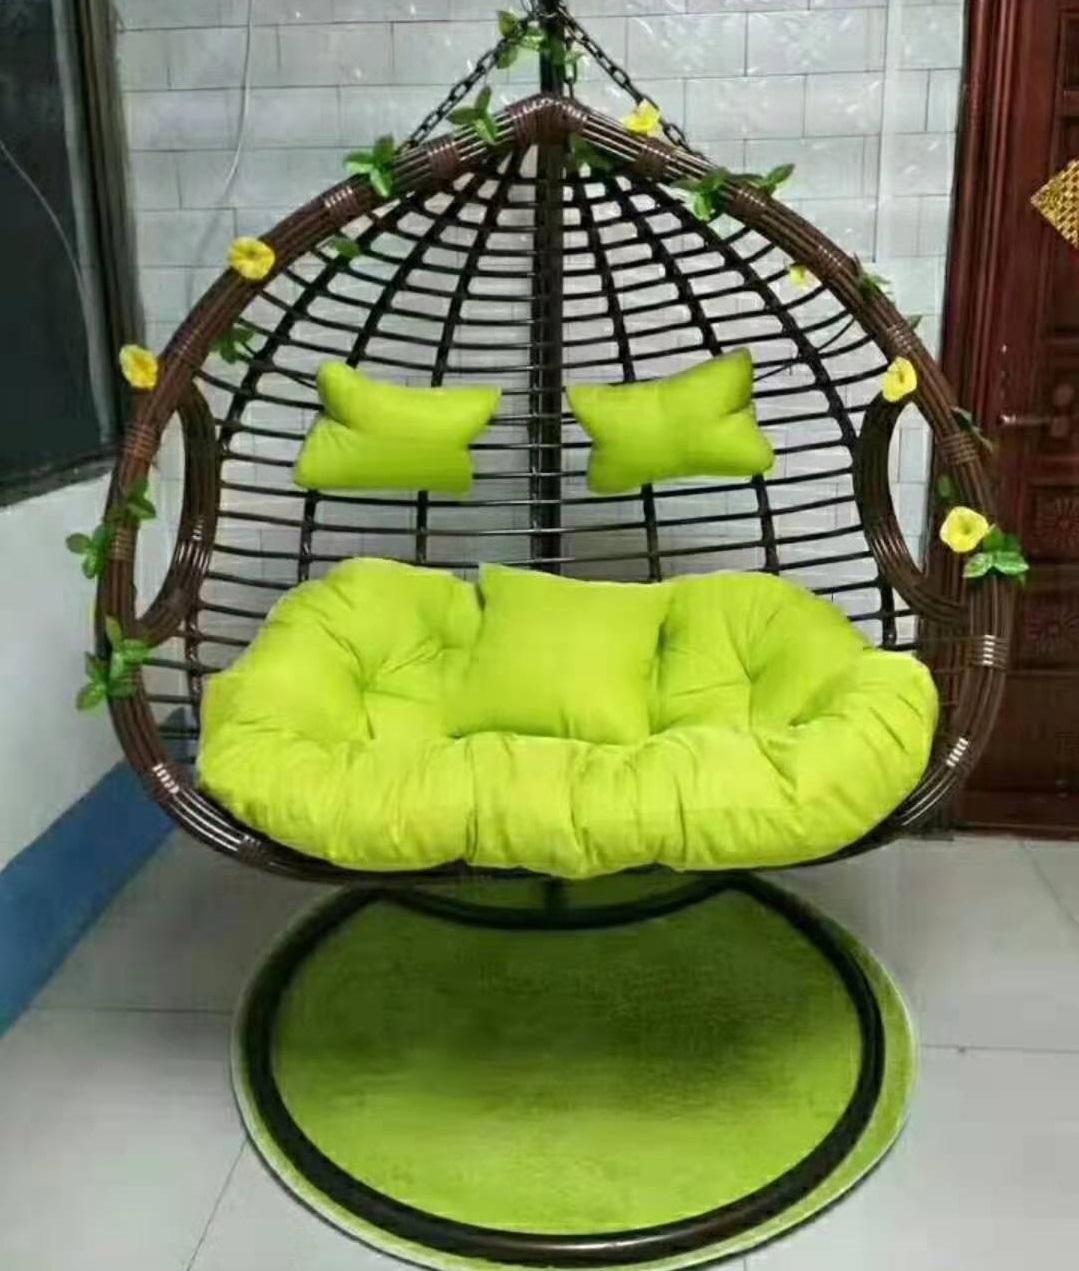 Новое поступление, двойное сиденье для наружного и внутреннего использования, подвесное кресло-качели для патио